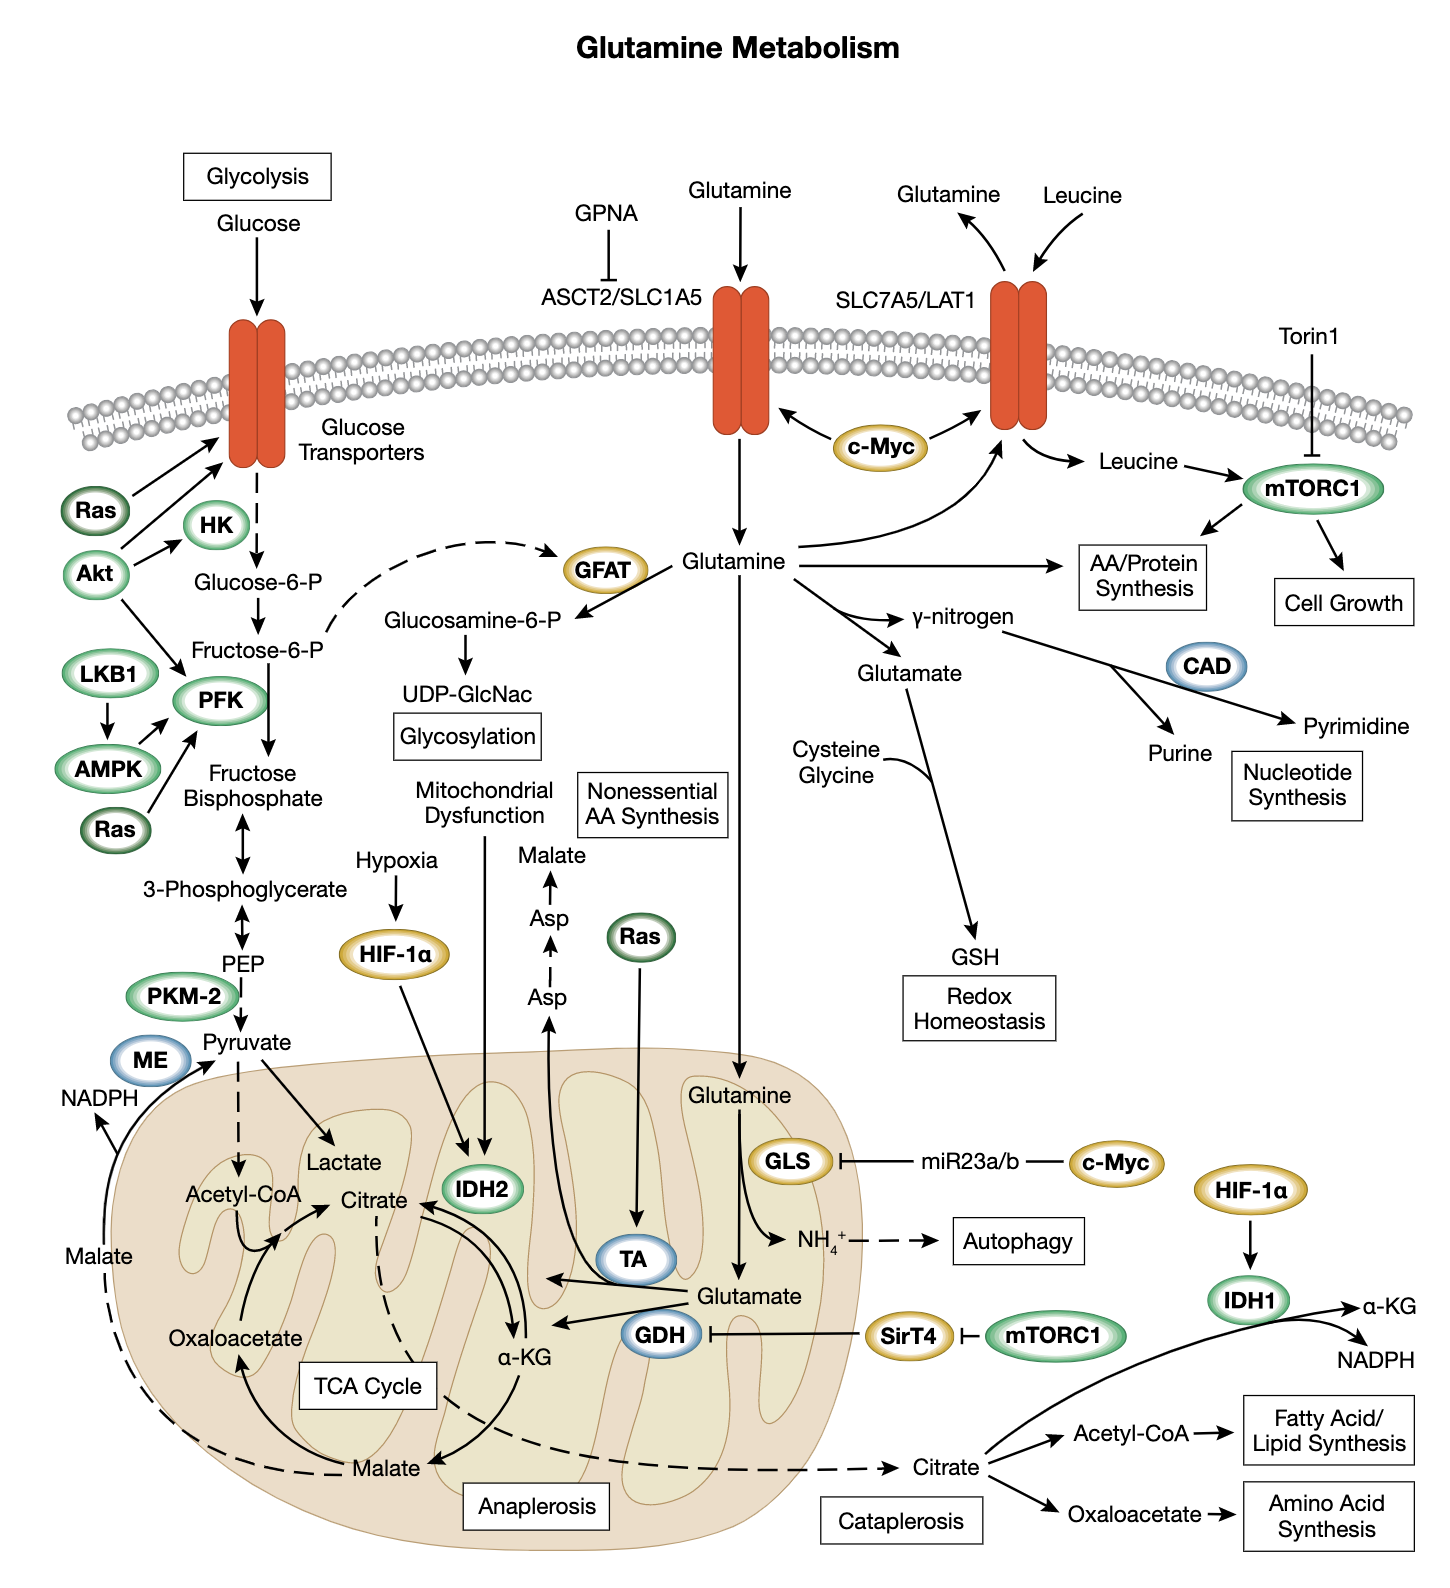 グルタミン代謝シグナル伝達のインタラクティブ パスウェイ